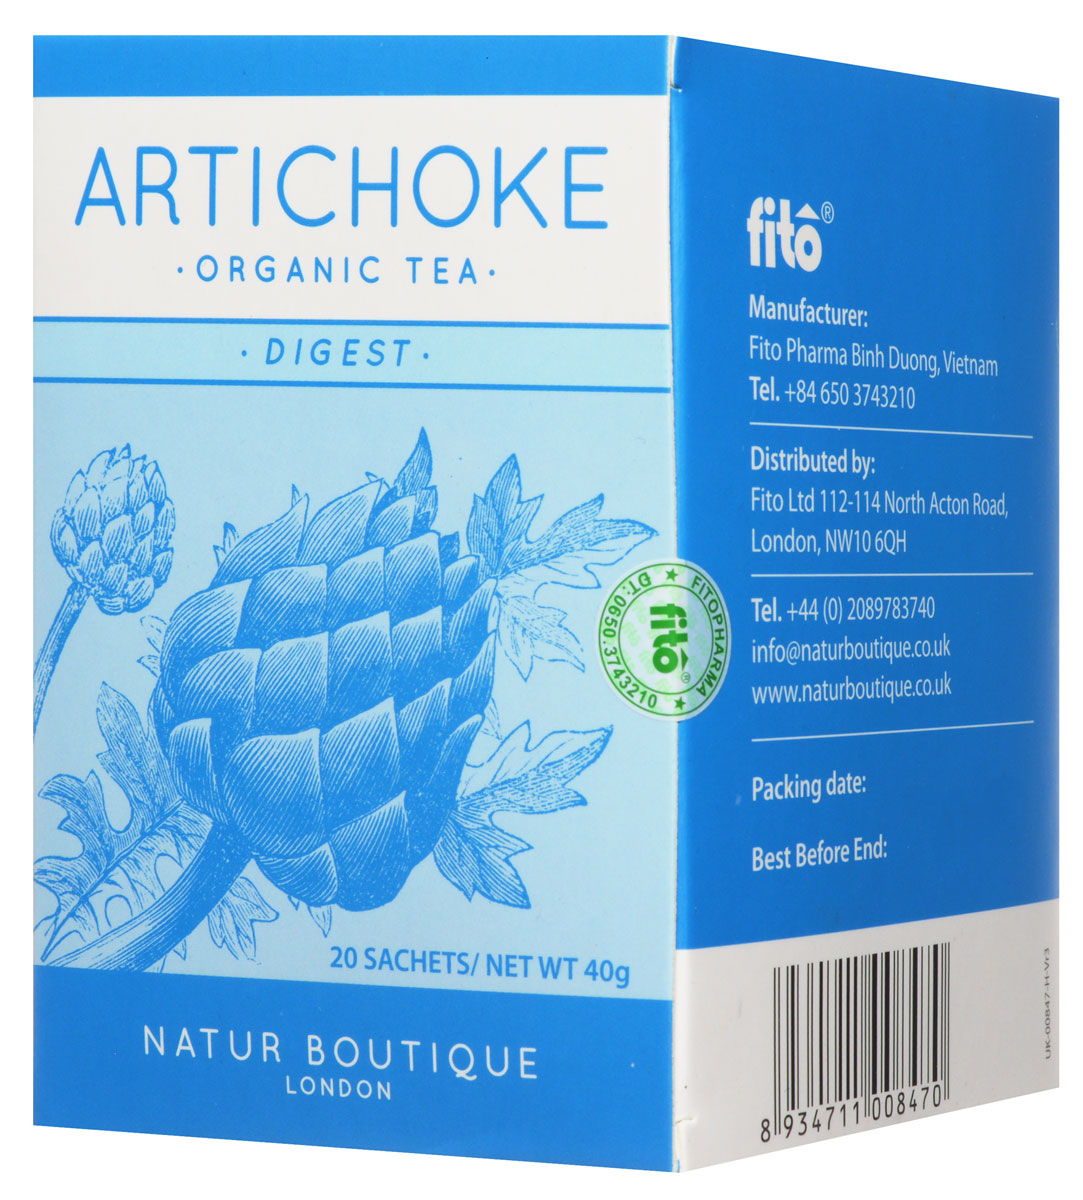 Natur Boutique Аrtichoke Organic Tea органический чай с артишоком, 20 пакетиков250Natur Boutique Аrtichoke Organic Tea - идеальный выбор для желающих улучшить пищеварение и состояние кожи, поддержать функции печени и безопасно очистить организм. Это первый чай с натуральным органическим артишоком (соцветия, стебли и листья органического артишока). Необычно новый вкус, чем то схож с земляным зеленым чаем. Артишок обладает оздоравливающими свойствами, содержит в себе комплекс веществ (флавоноиды, цинарин, инулин др.), которые положительно влияют на здоровье желудочно - кишечного тракта.Не пейте этот чай, если у вас камни в желчном пузыре. Также не рекомендовано принимать при индивидуальной чувствительности к компонентам продукта. Беременным, женщинам в период лактации и детям принимать рекомендуется только по рекомендации и под присмотром врача.